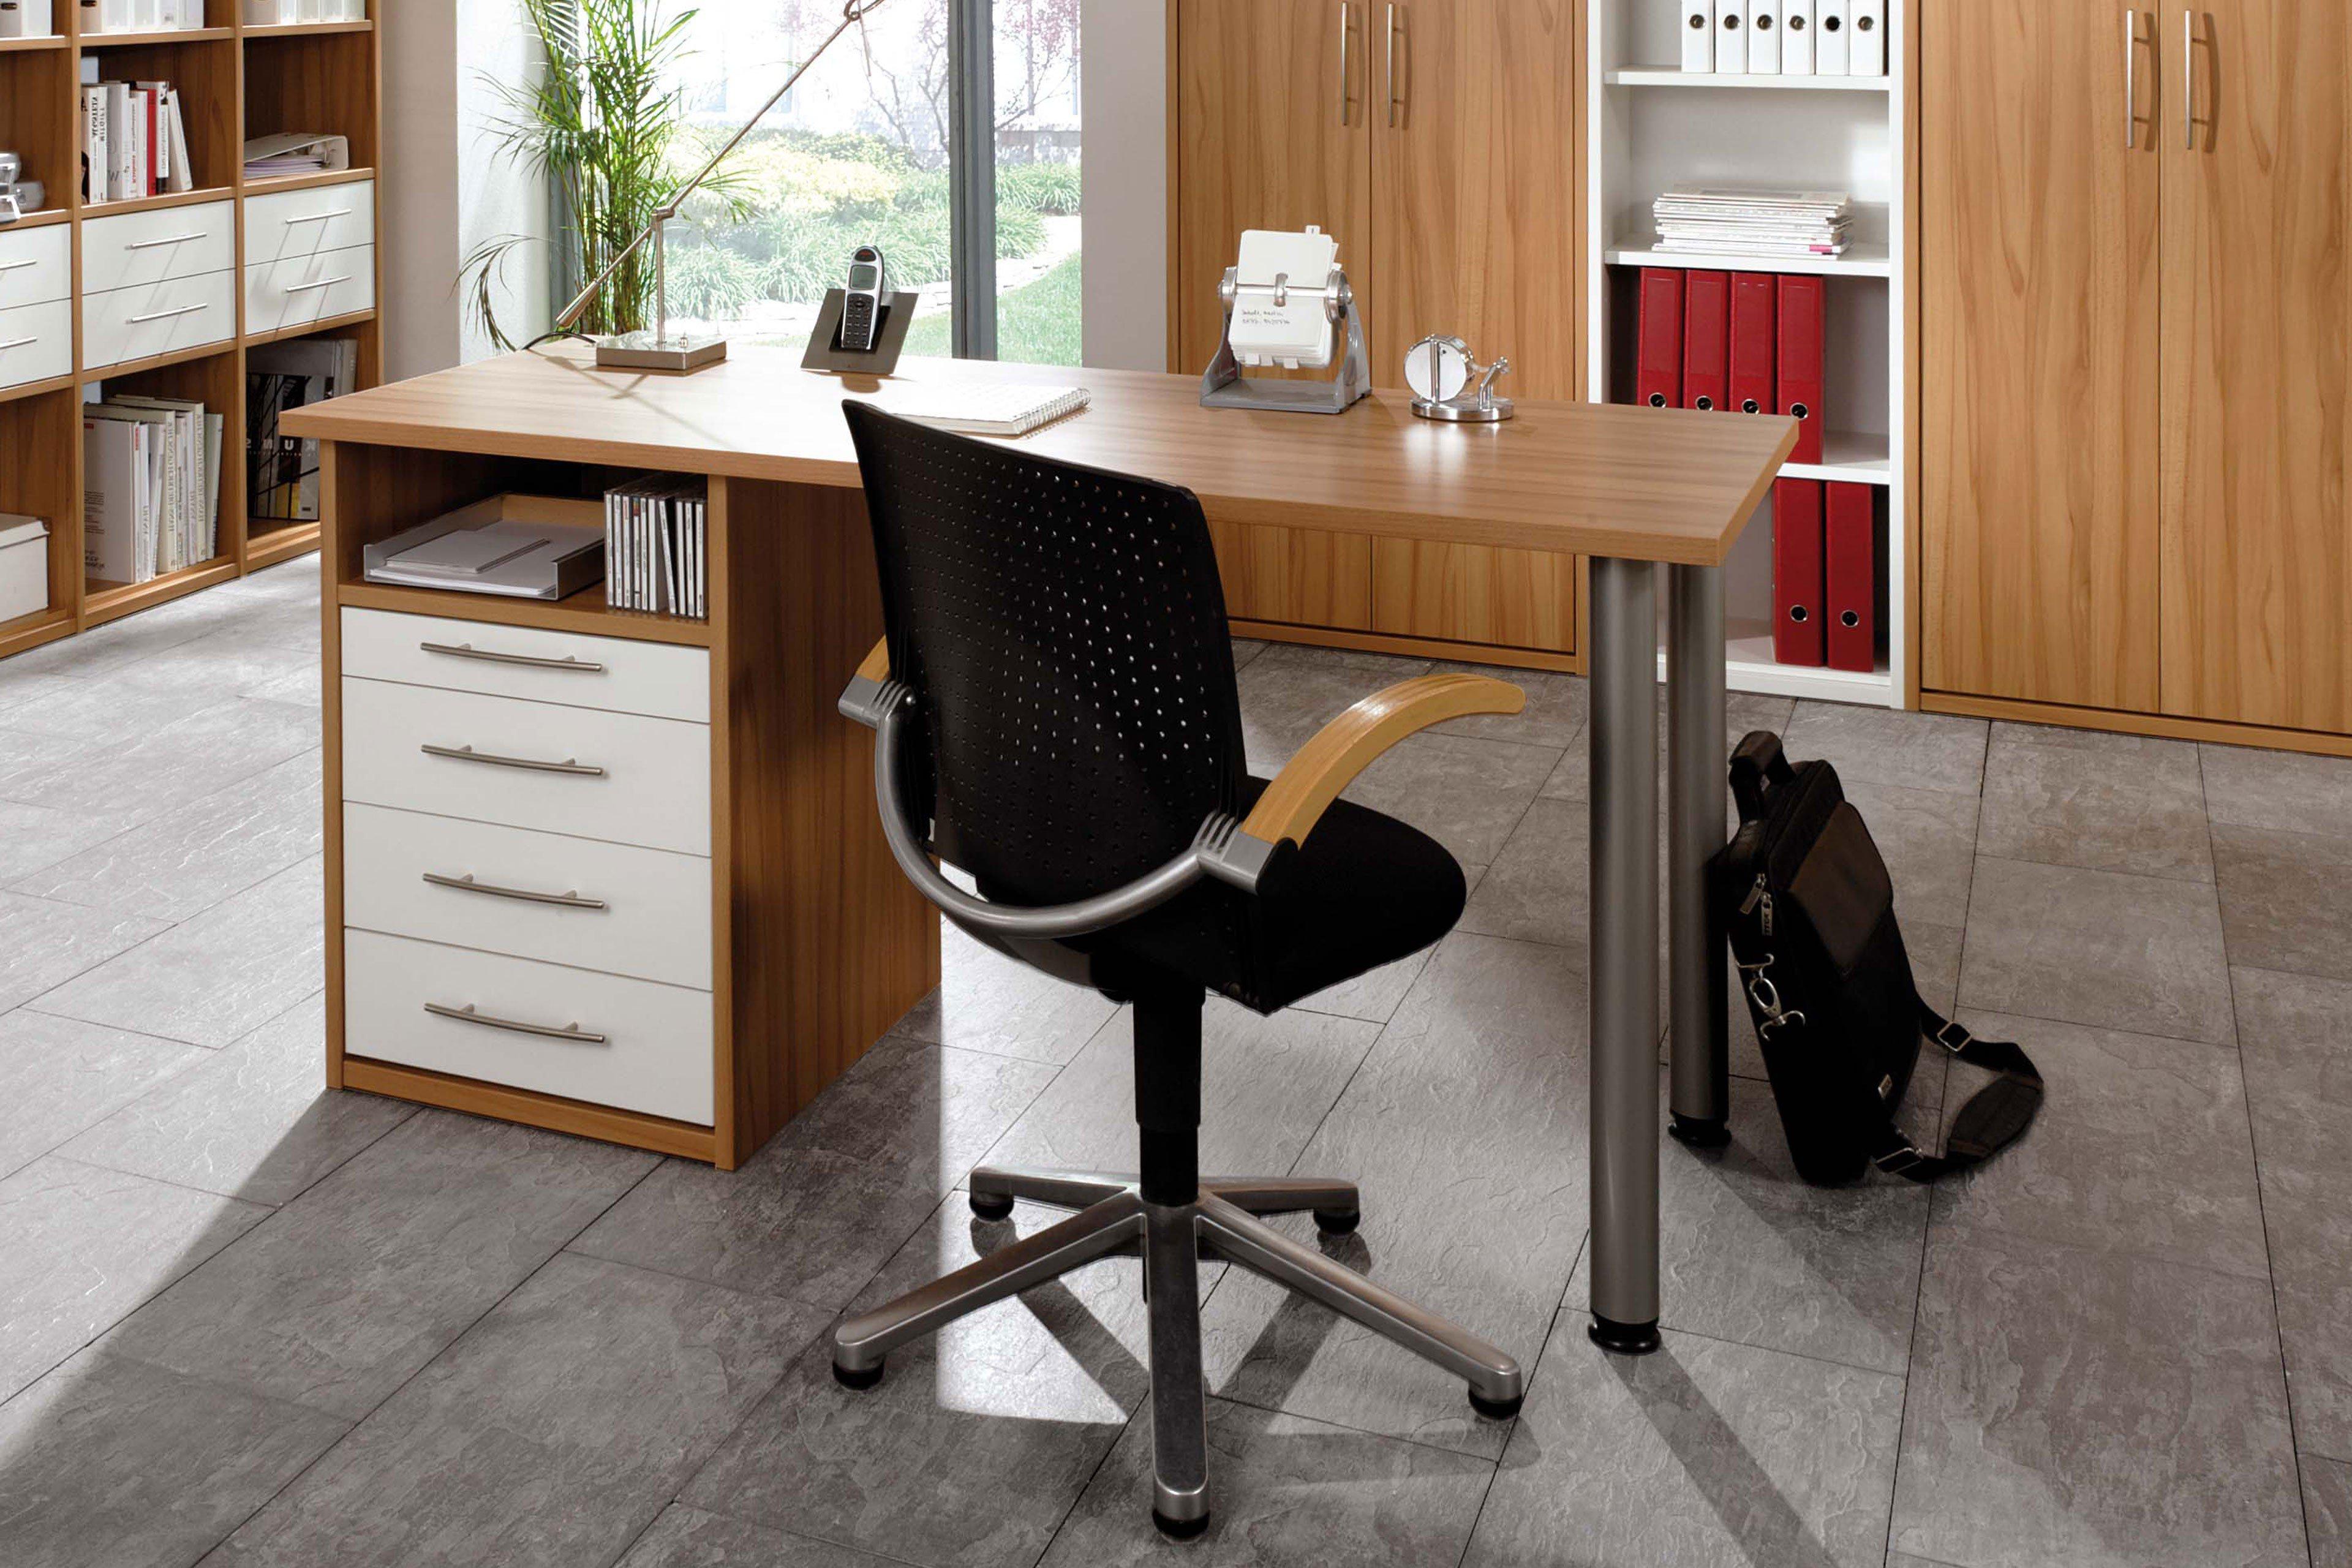 priess schreibtisch home office kernbuche wei m bel letz ihr online shop. Black Bedroom Furniture Sets. Home Design Ideas